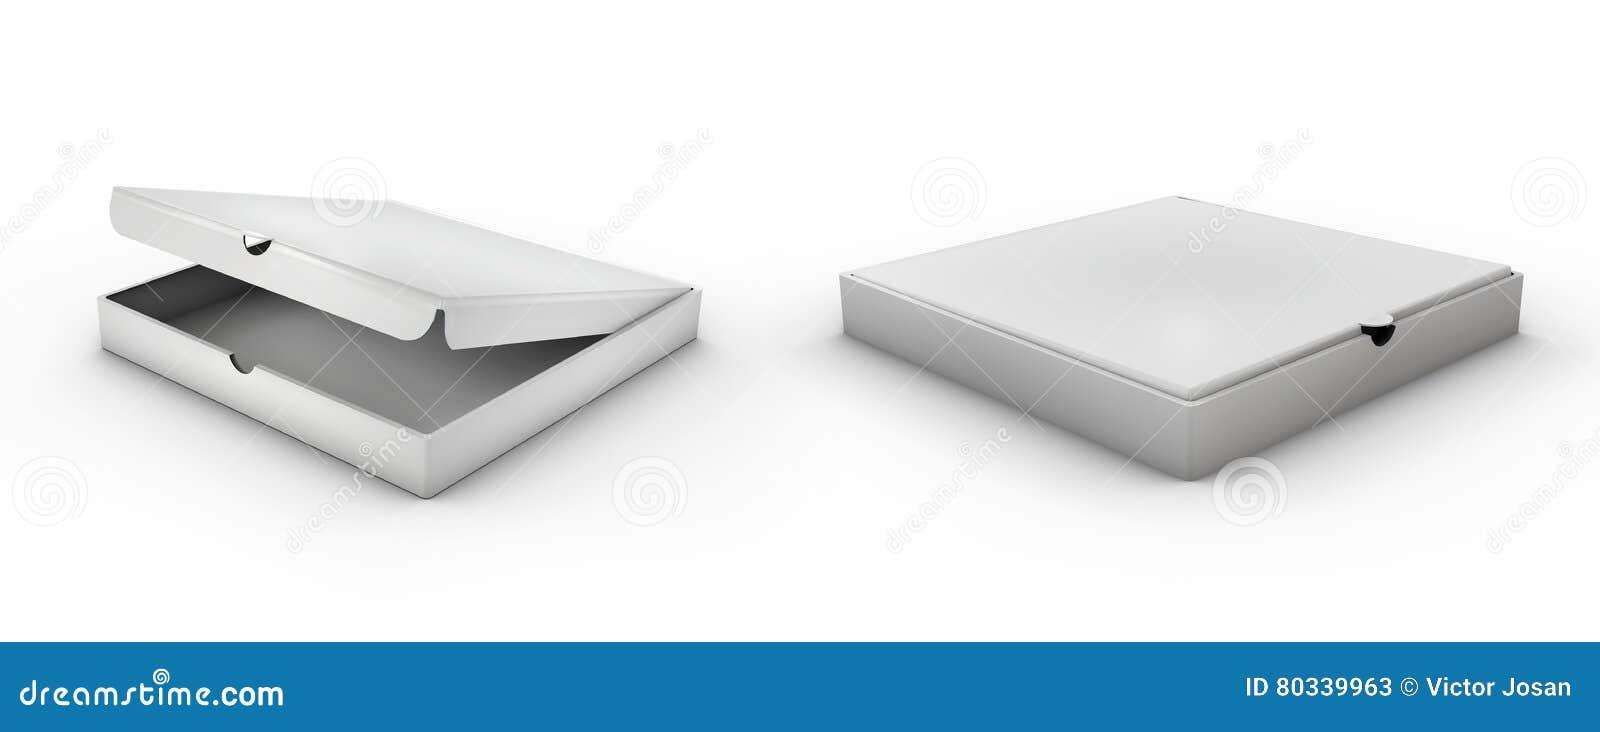 Caixa de cartão isométrica realística da pizza 3d Vista aberta, fechado, lateral